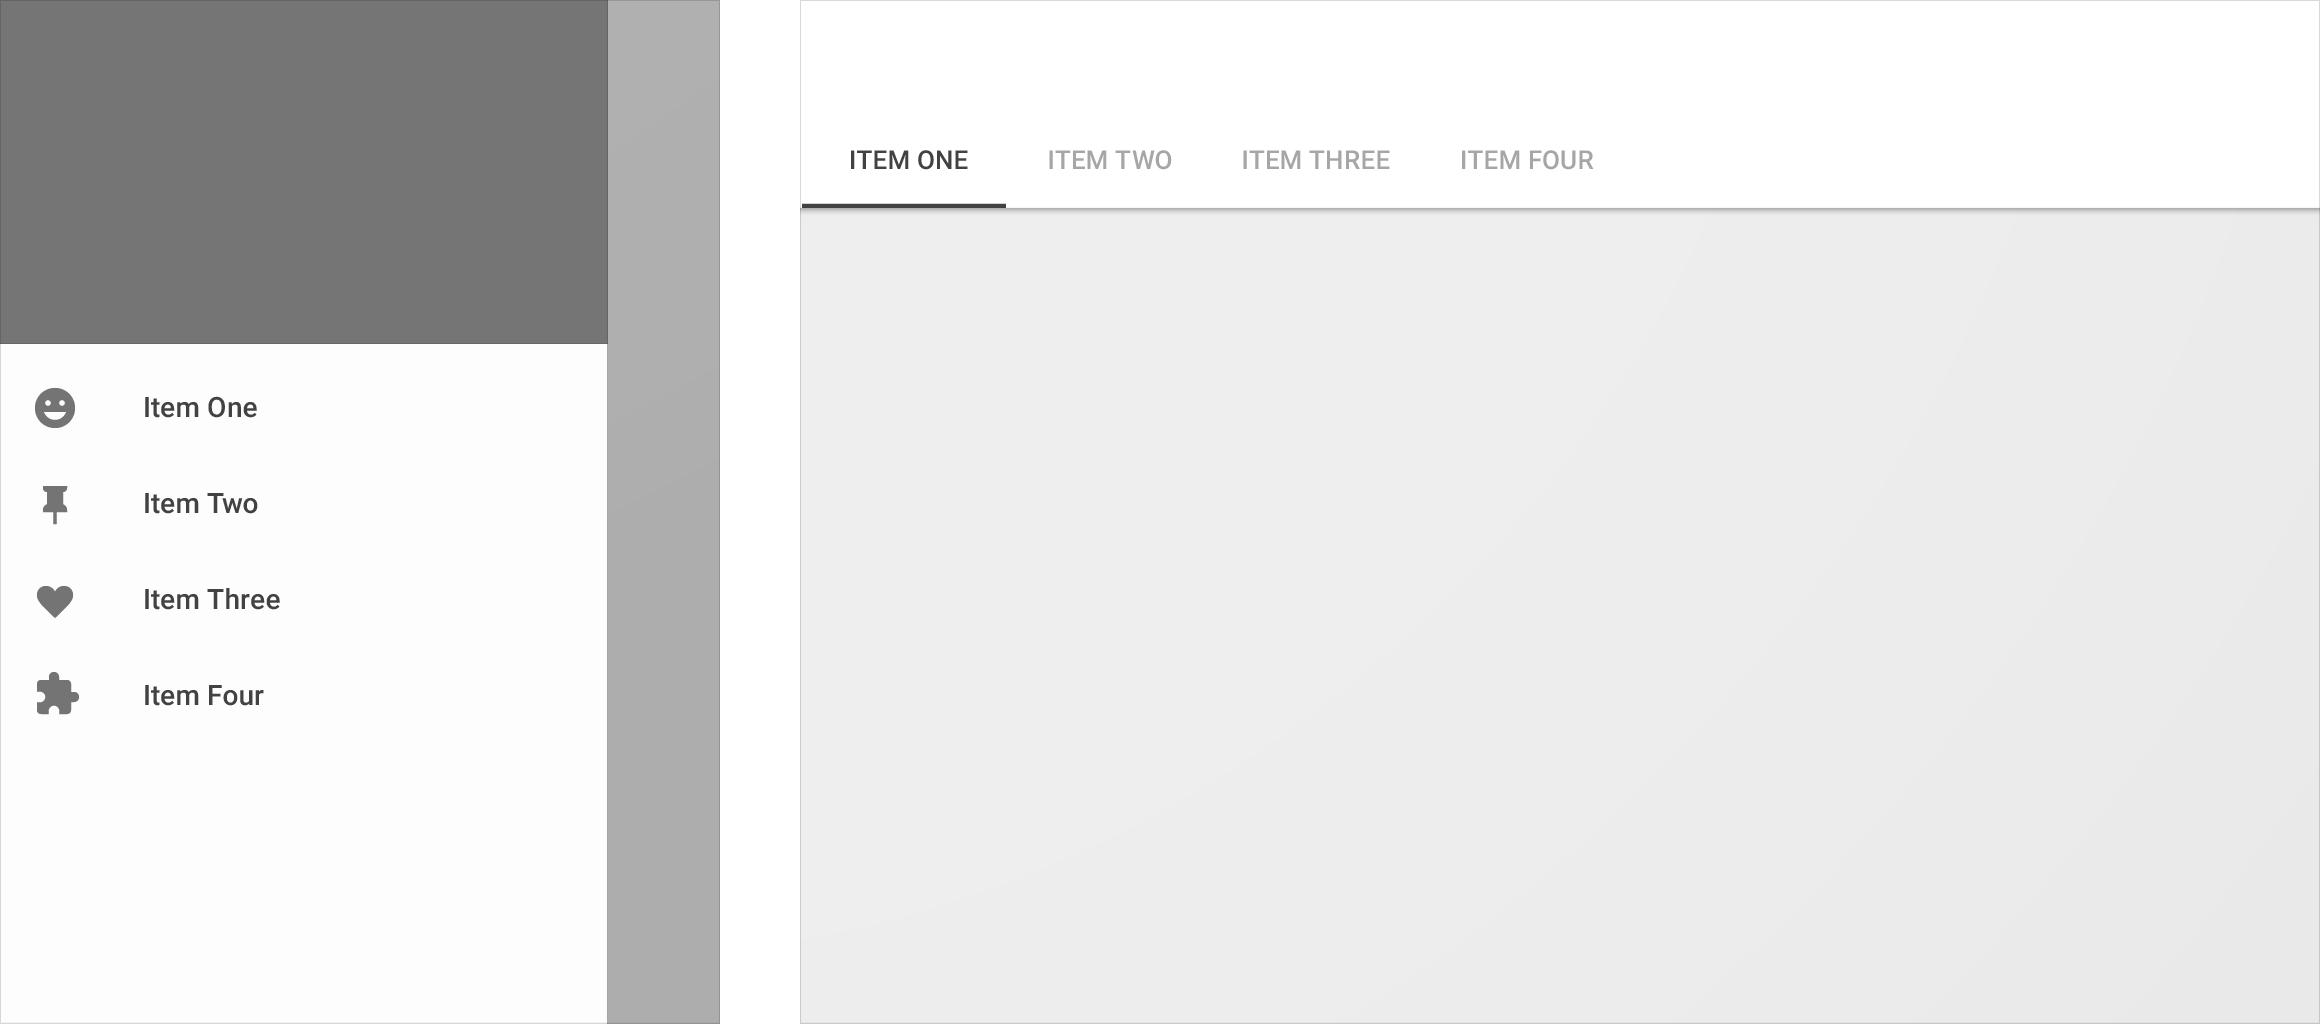 Responsive UI - Layout - Material Design